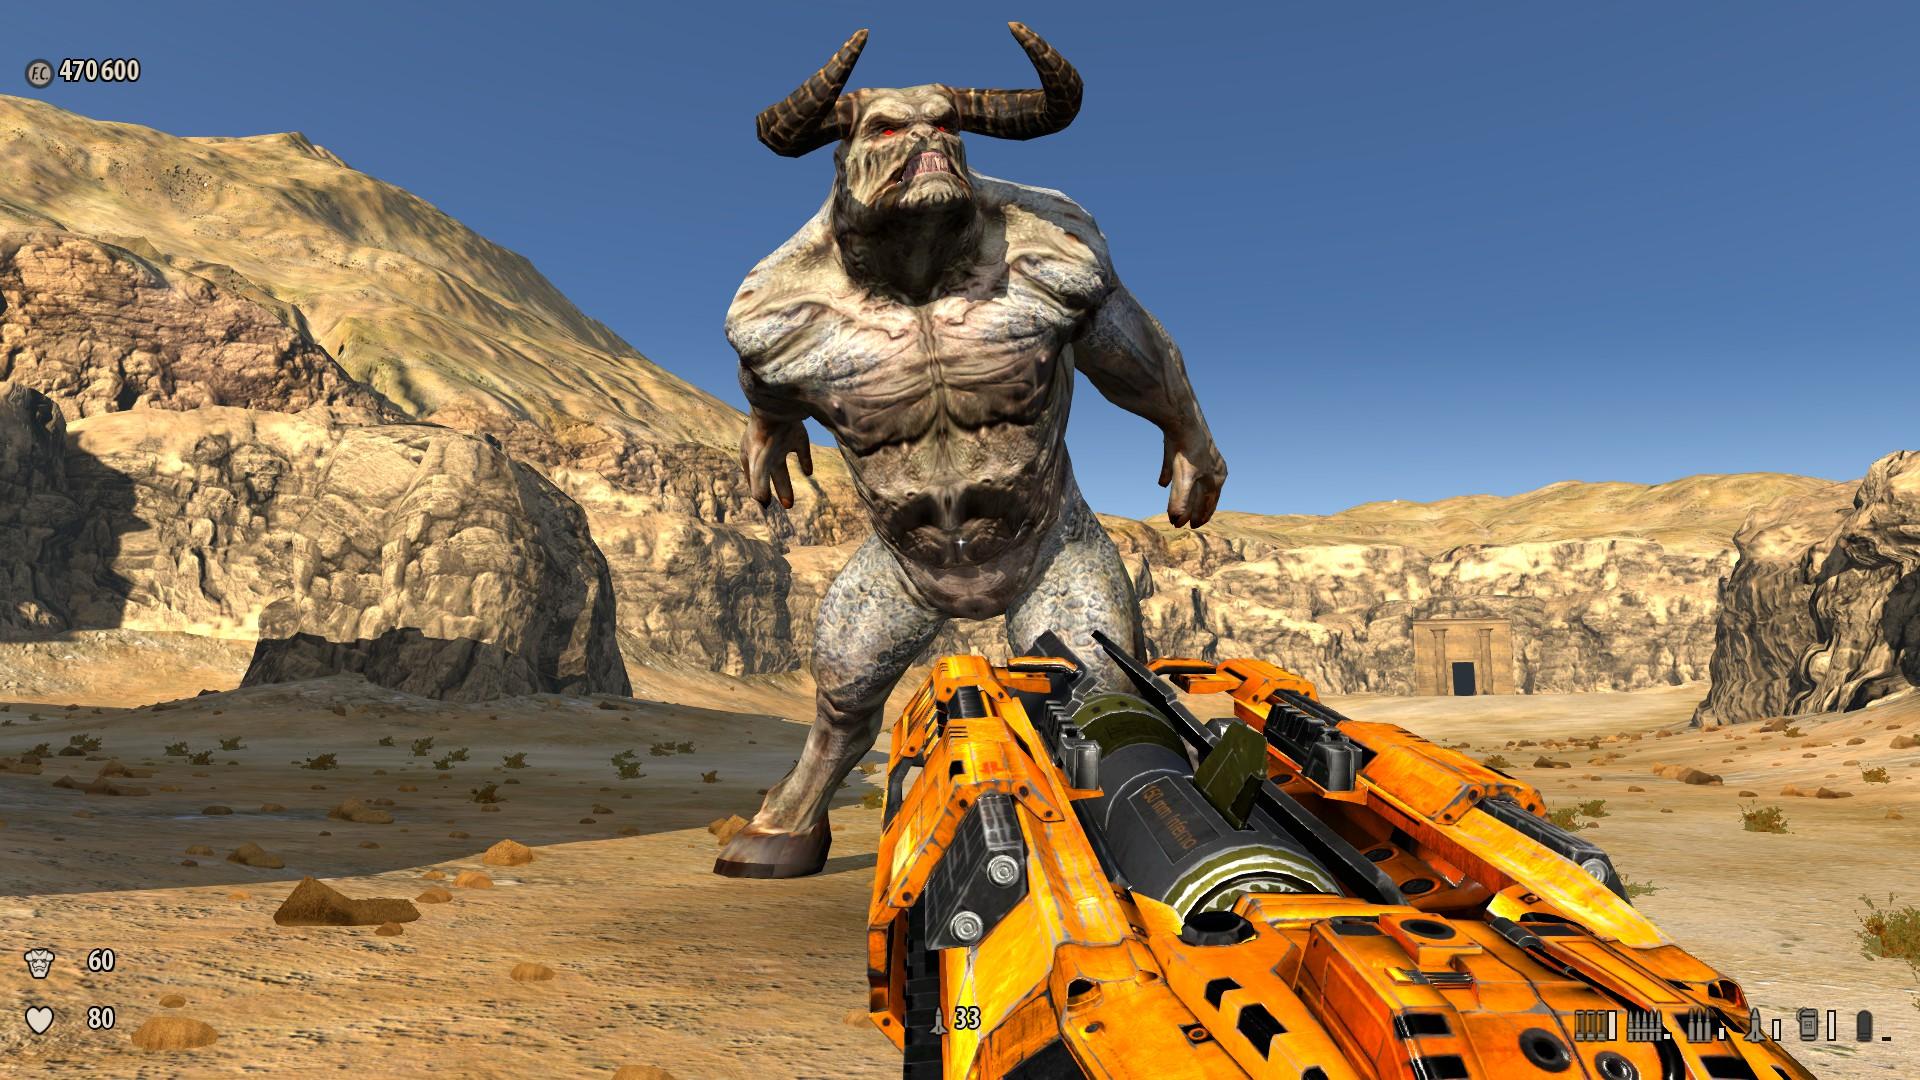 Gta San Andreas Wallpaper Hd Serious Sam 3 Bfe Screenshots Image 7310 New Game